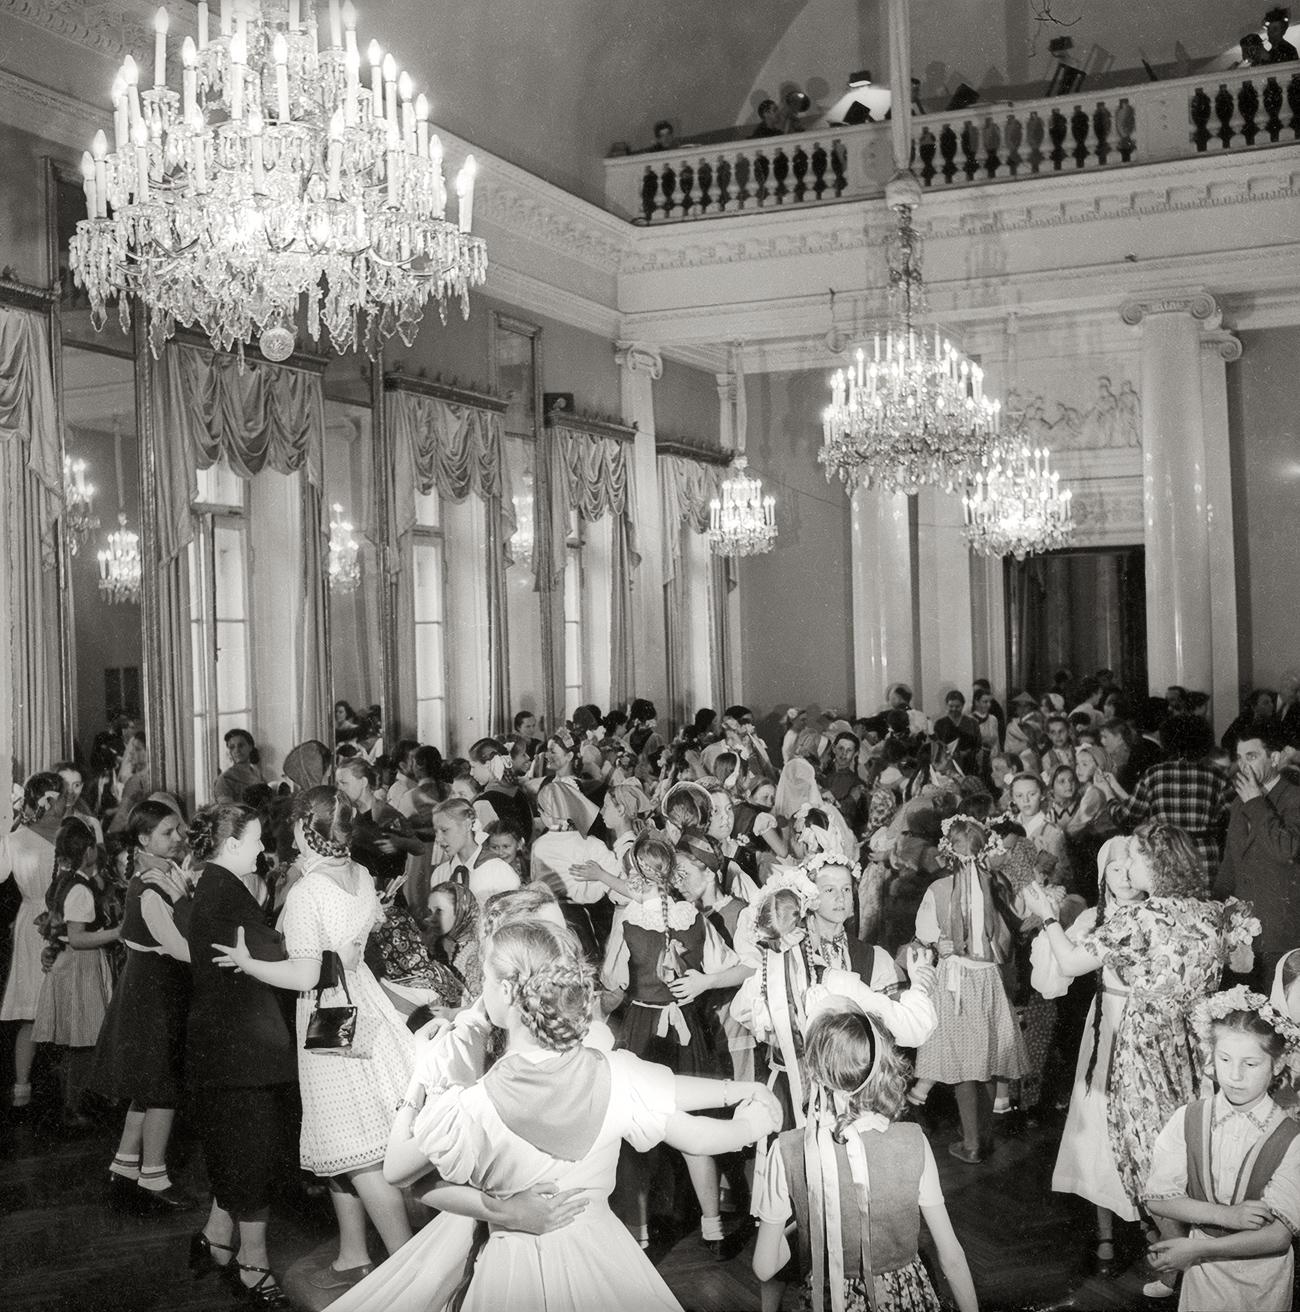 Bailes en la Casa de la Cultura. Leningrado, 1945. Fuente: Multimedia Art Museum Moscow